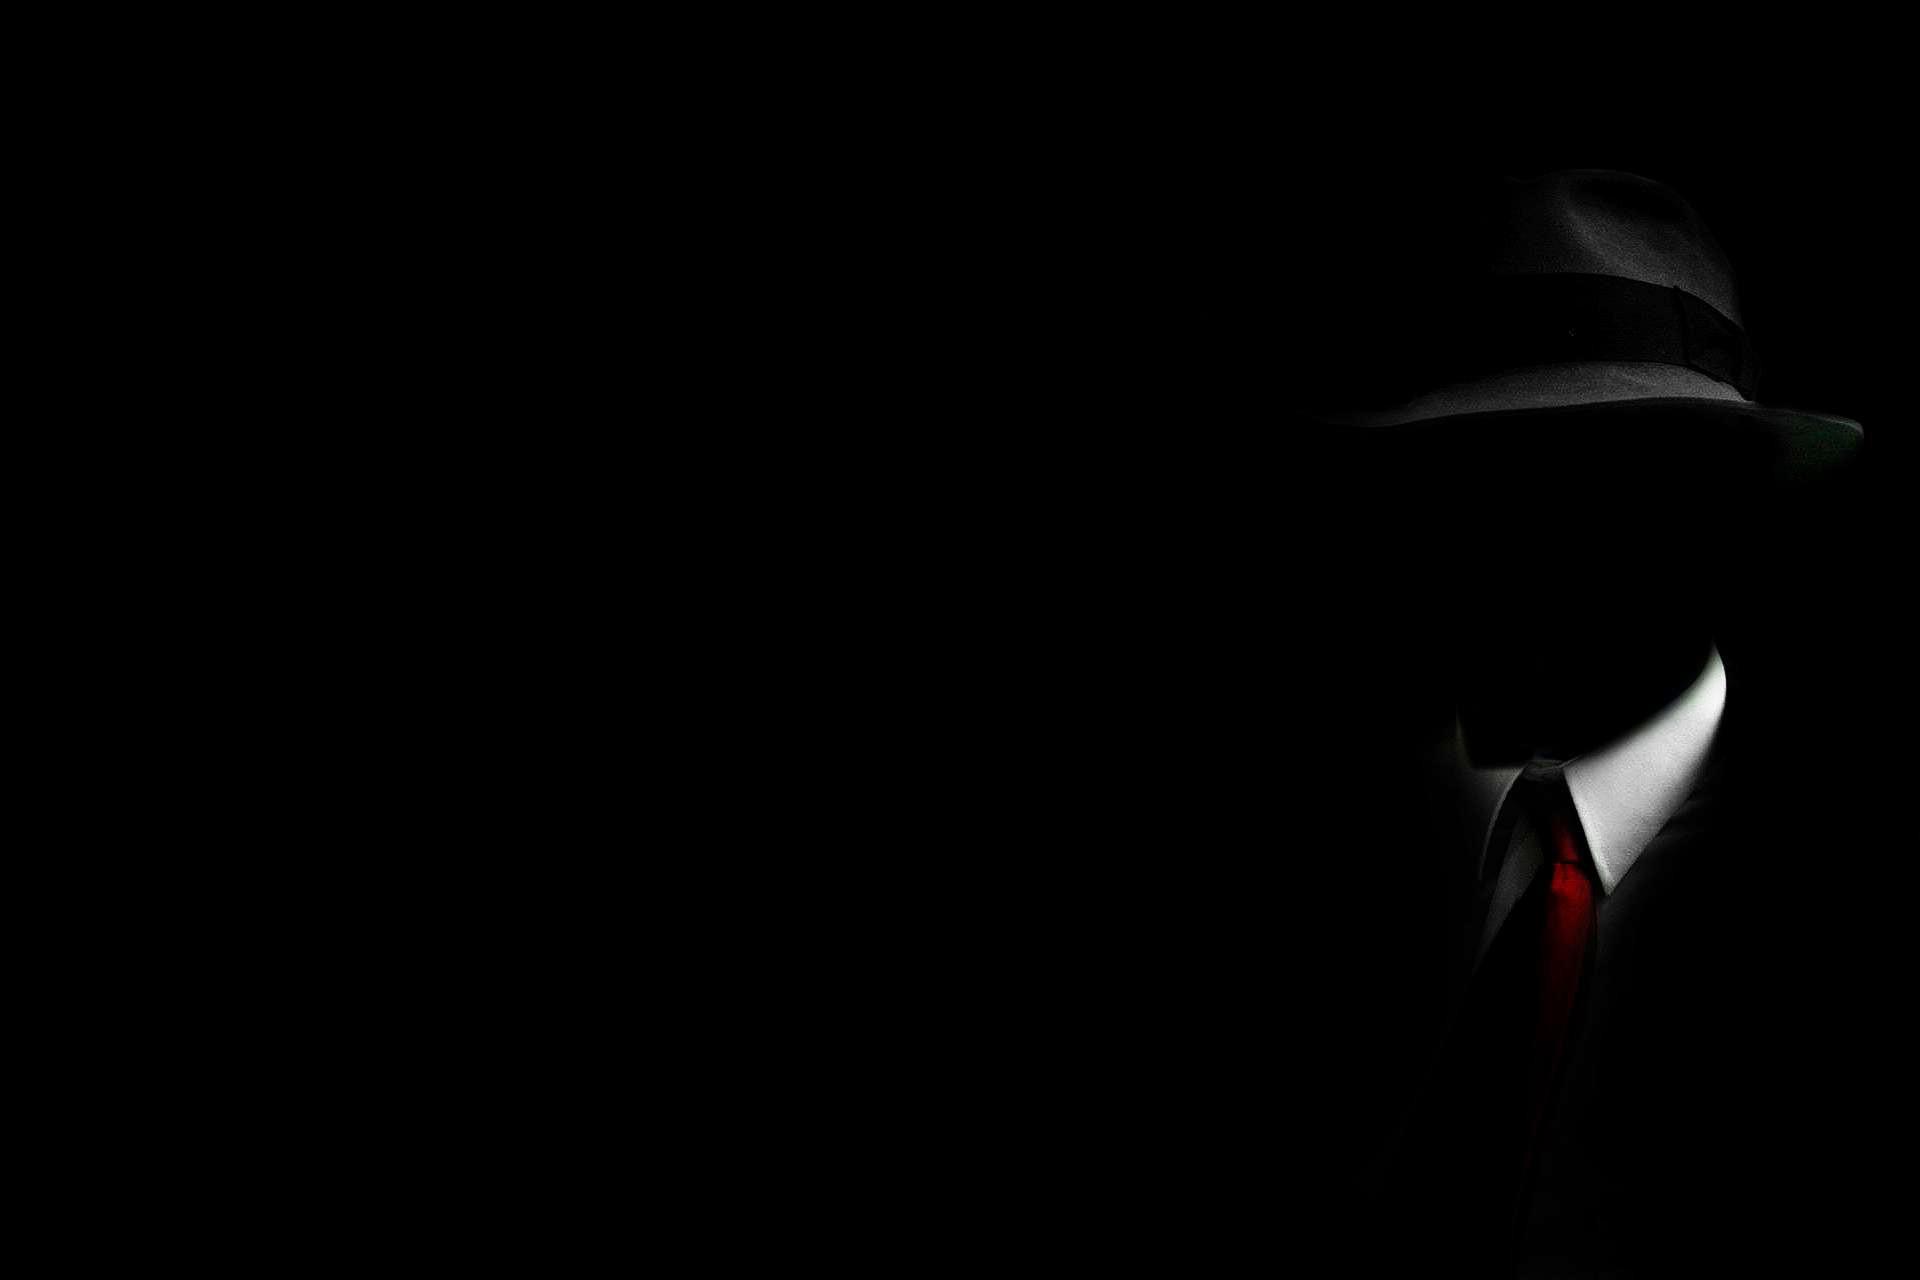 black hat wallpaper 56 images